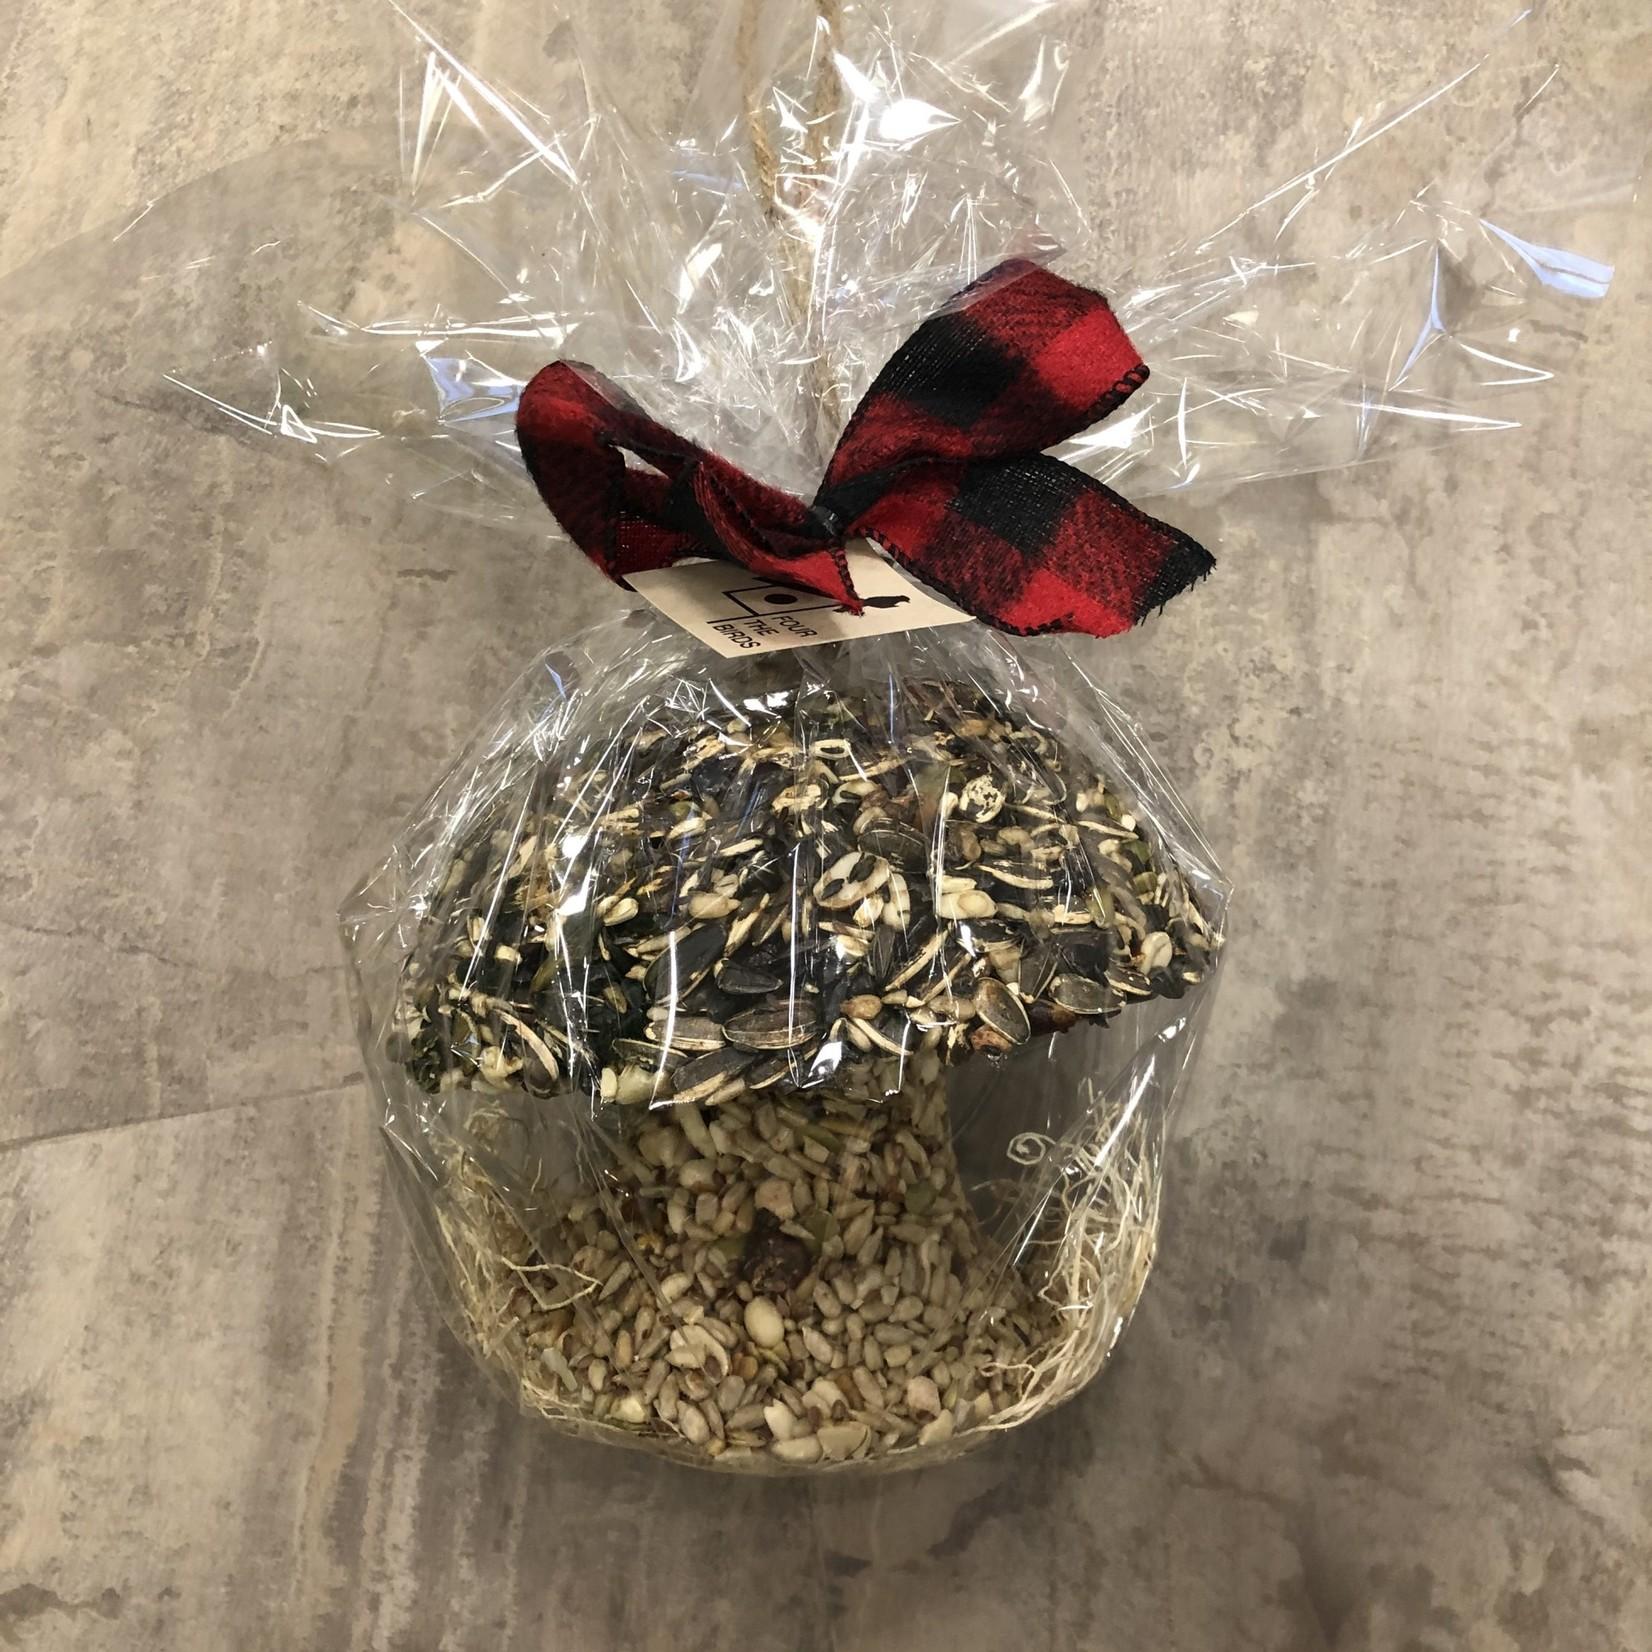 Toadstool Mushroom Seed Ornament